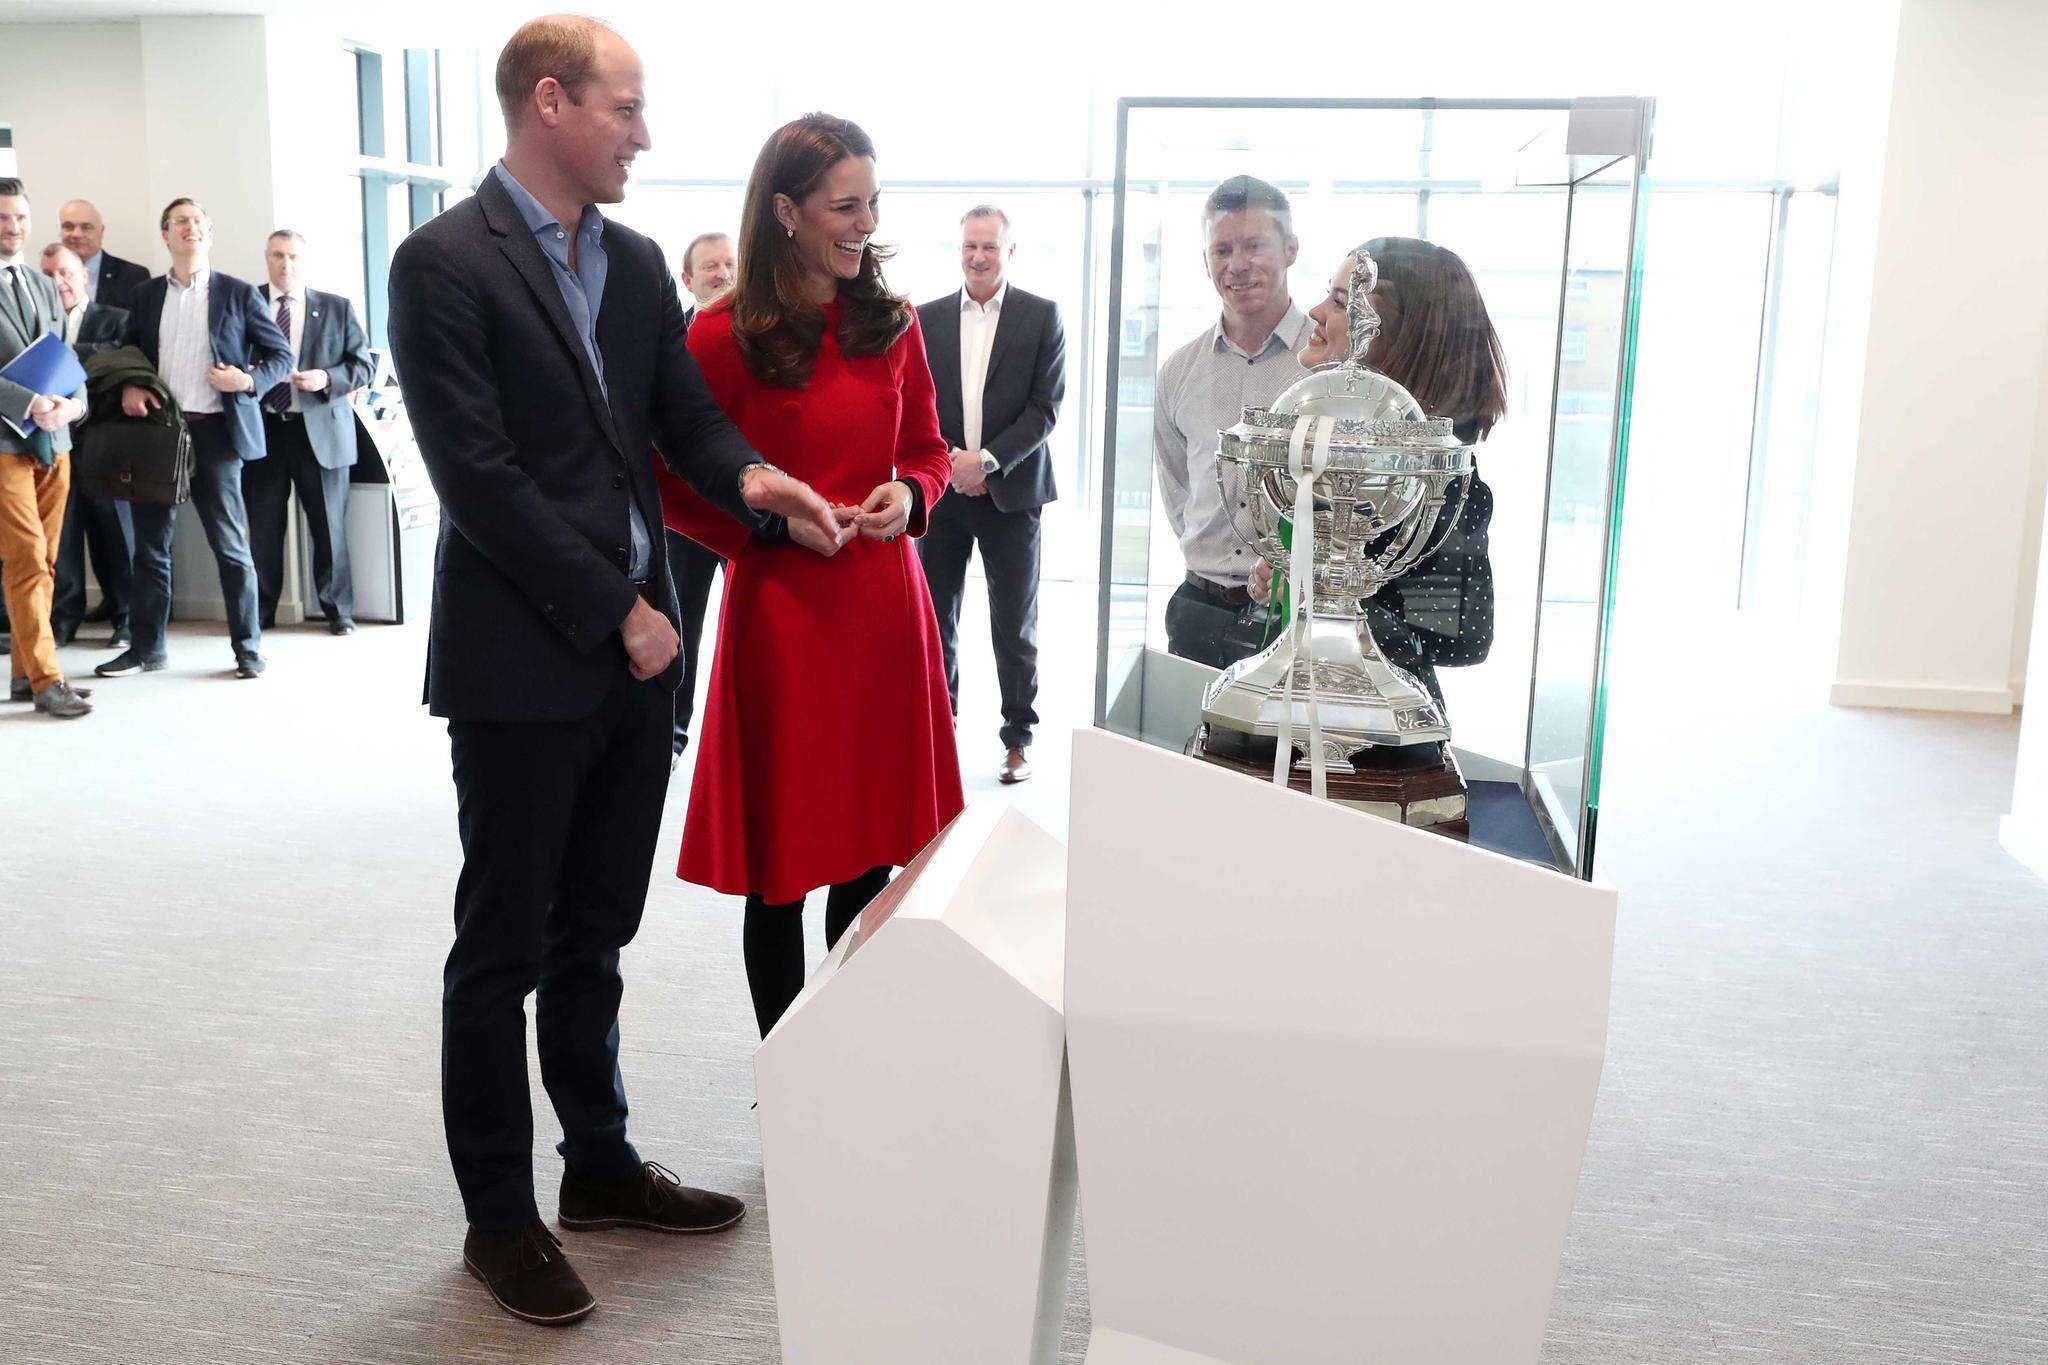 Bester Laune: Prinz William und Herzogin Catherine beim Besuch desNational Stadium in Belfast, dem Zuhause derIrischen Fußball-Association